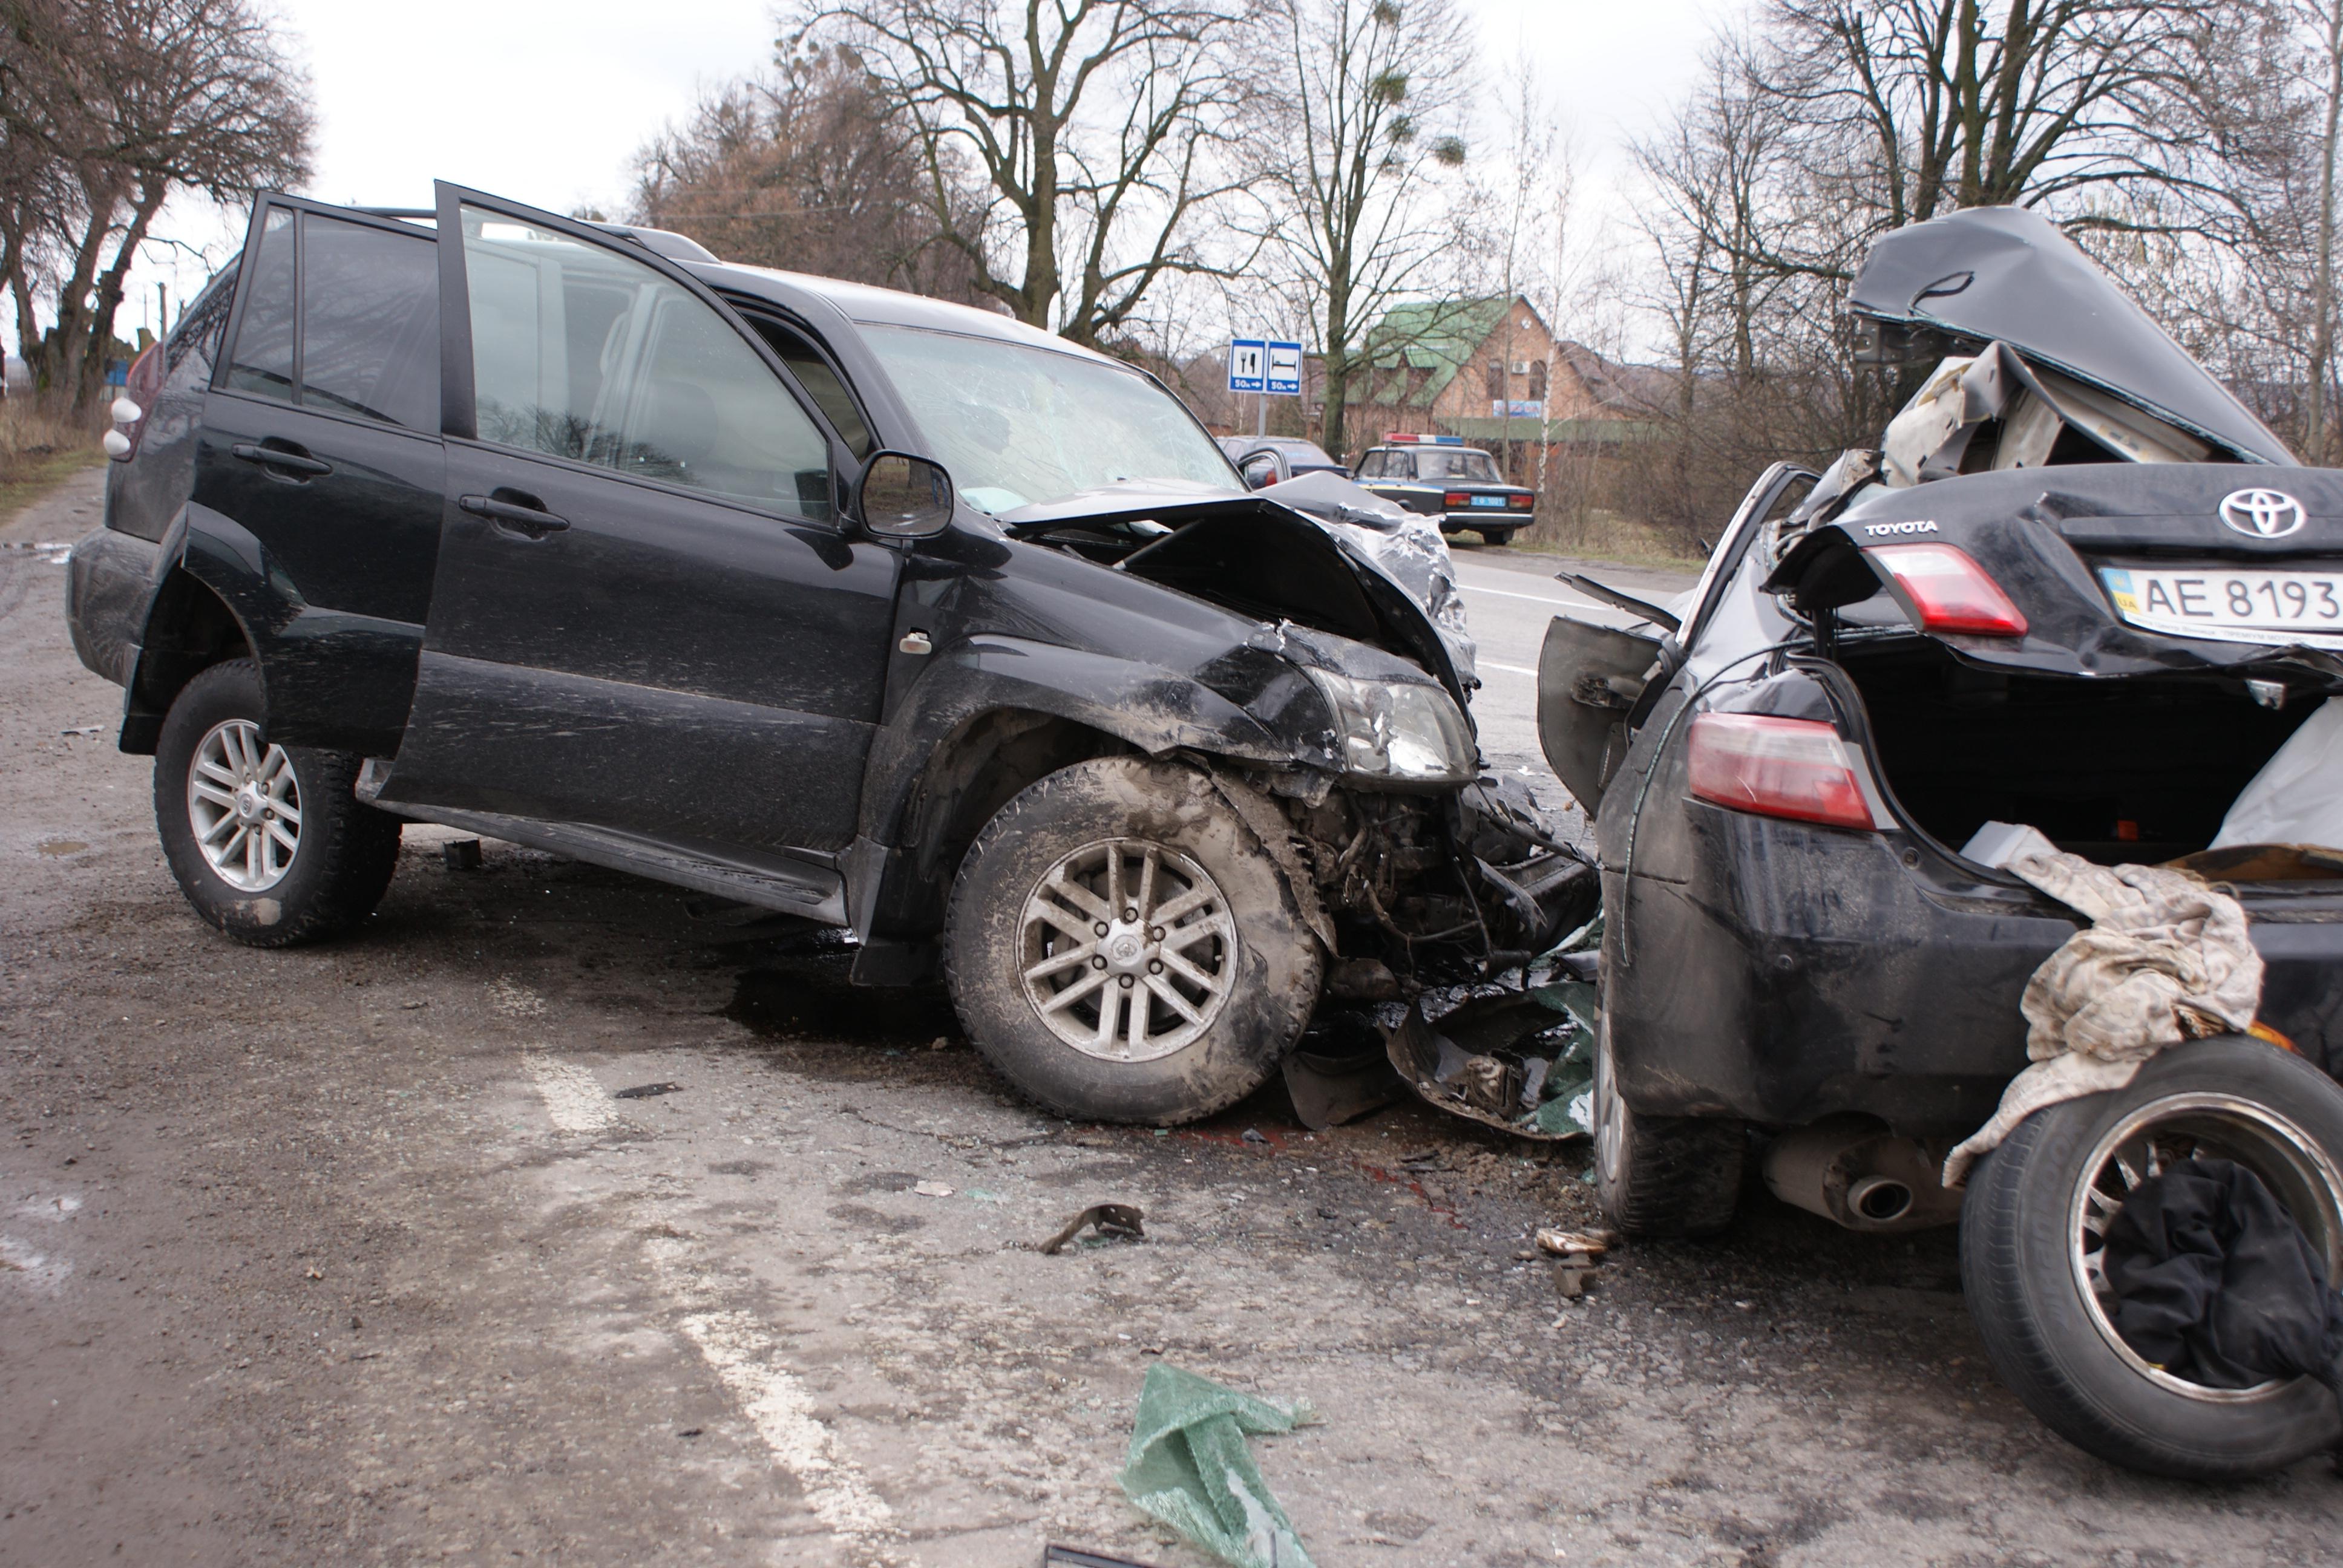 Біля Вінниці Camry протаранила джип. З автомобілів - брухт, водій загинув (Відео+Фото)